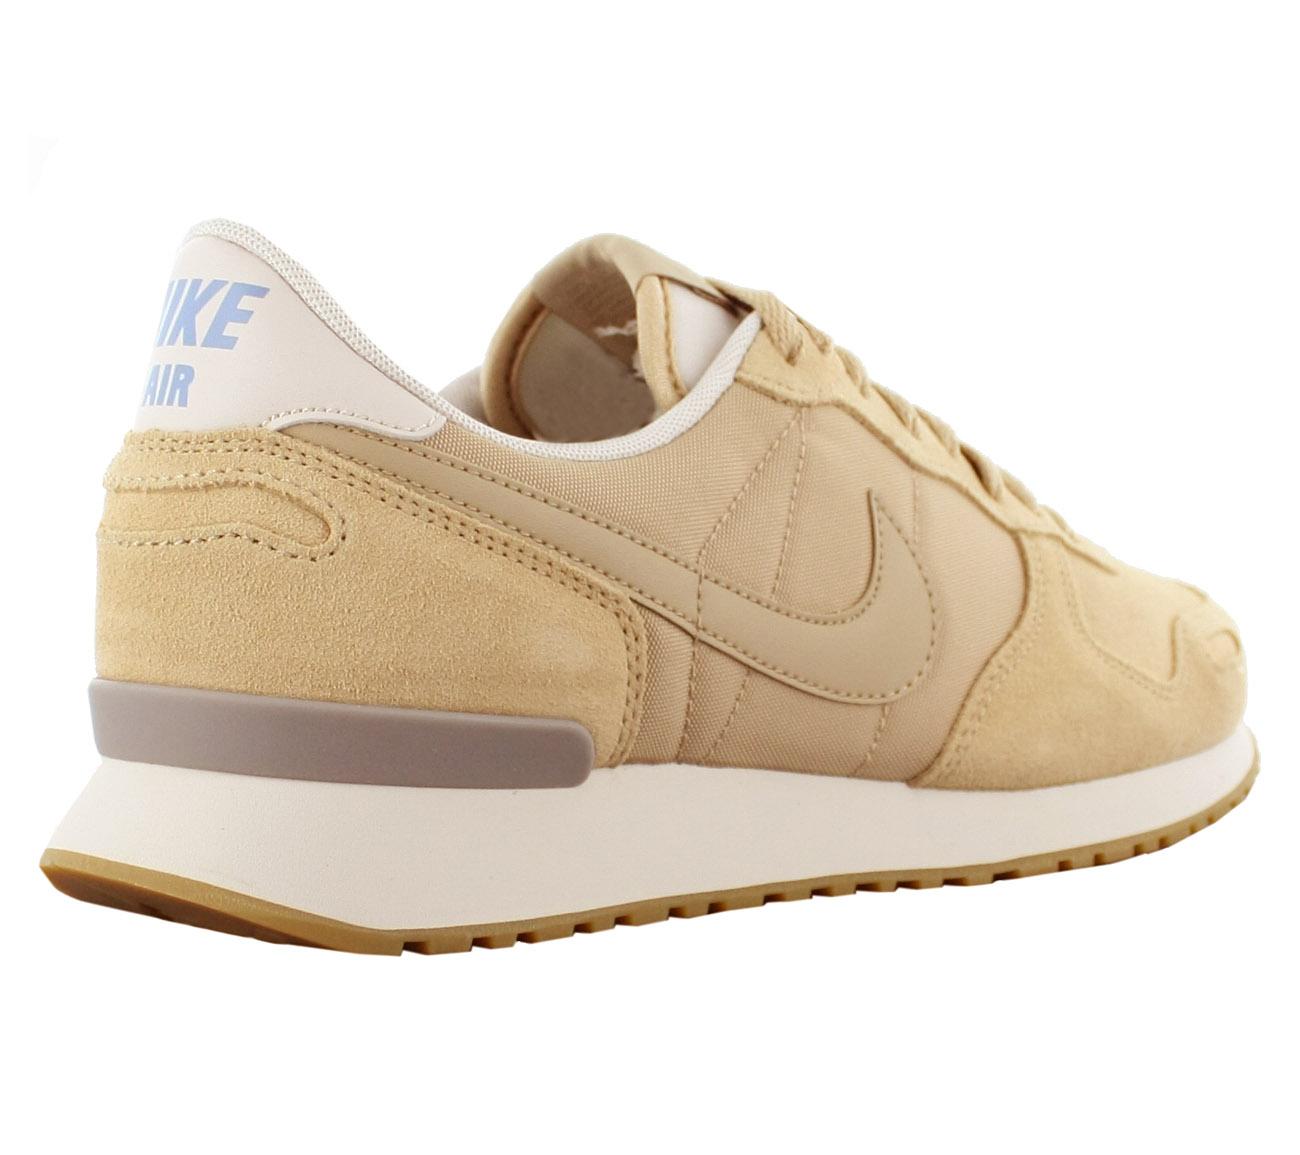 NEU Nike Air Vortex 918206-200 Leder Herren Schuhe Beige 918206-200 Vortex SALE ab5654